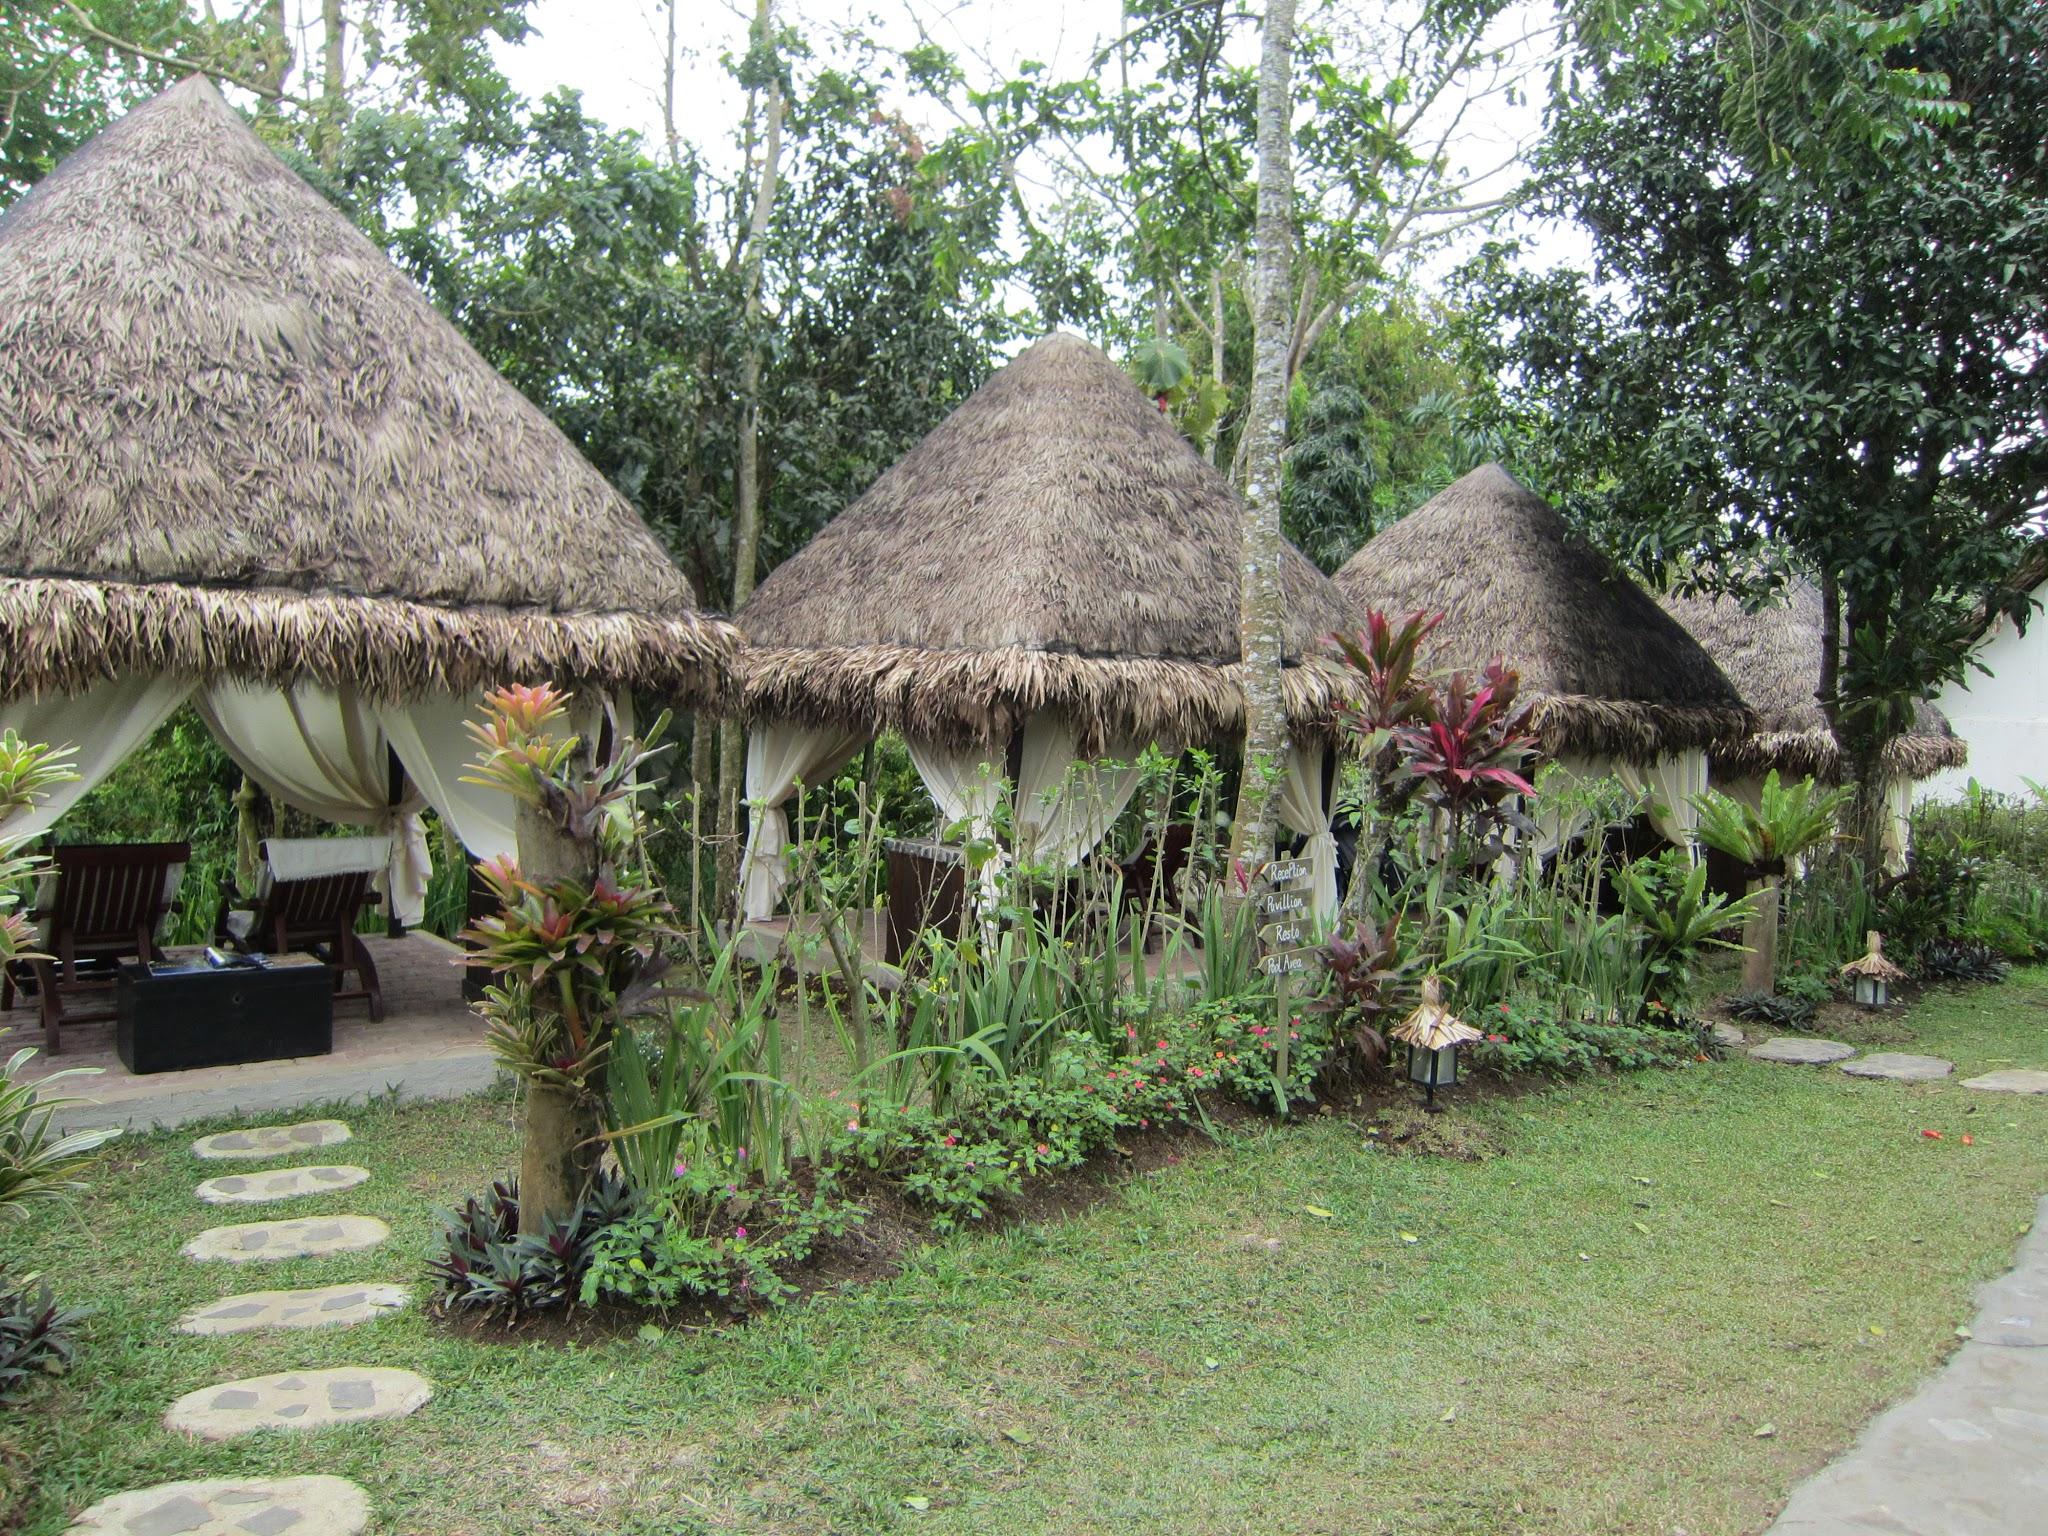 Massage huts